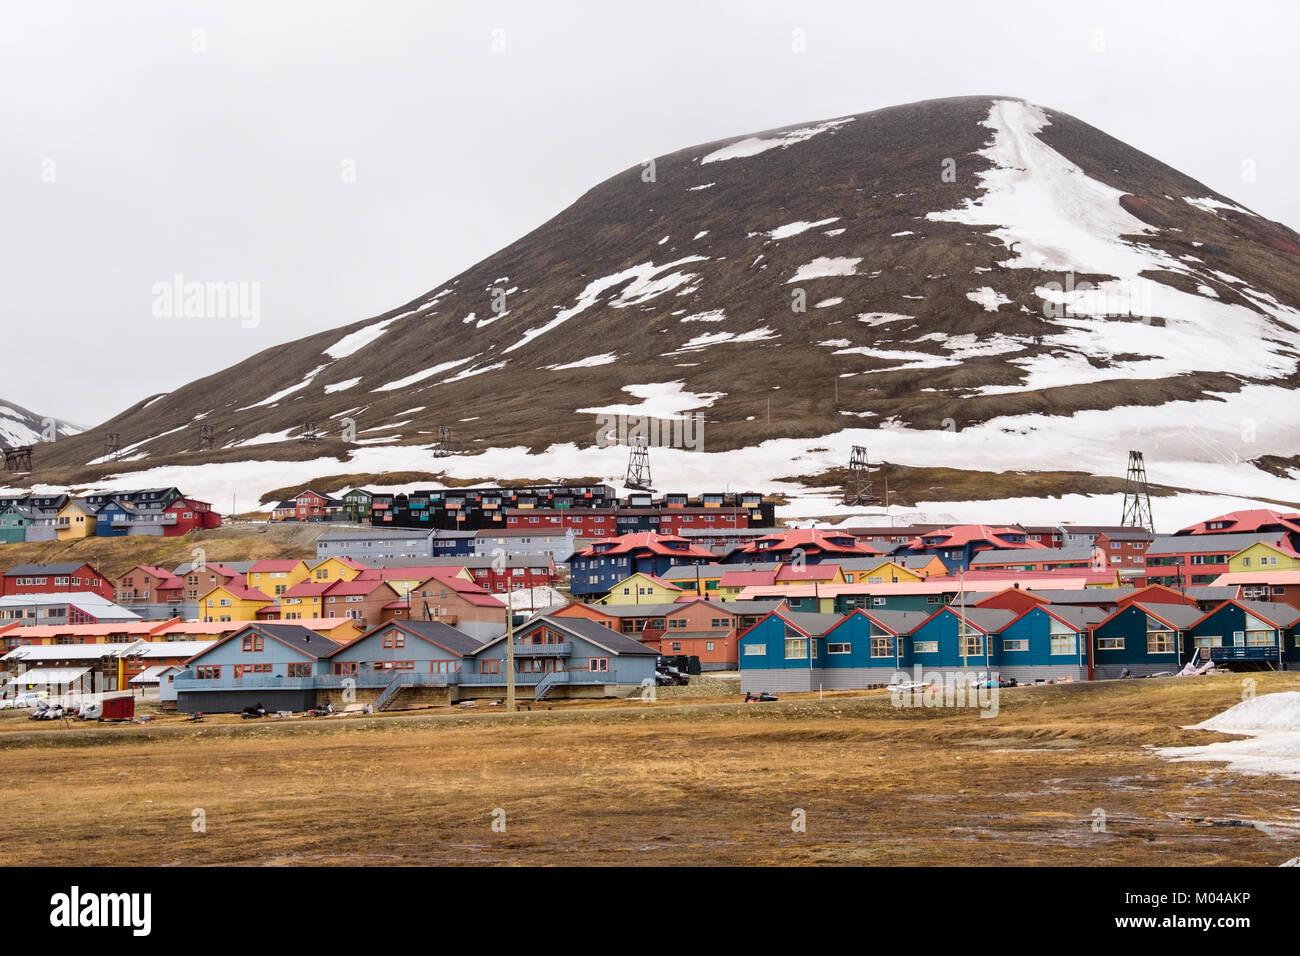 In legno colorato case residenziali in estate nella vecchia città mineraria di Longyearbyen, isola Spitsbergen, Immagini Stock